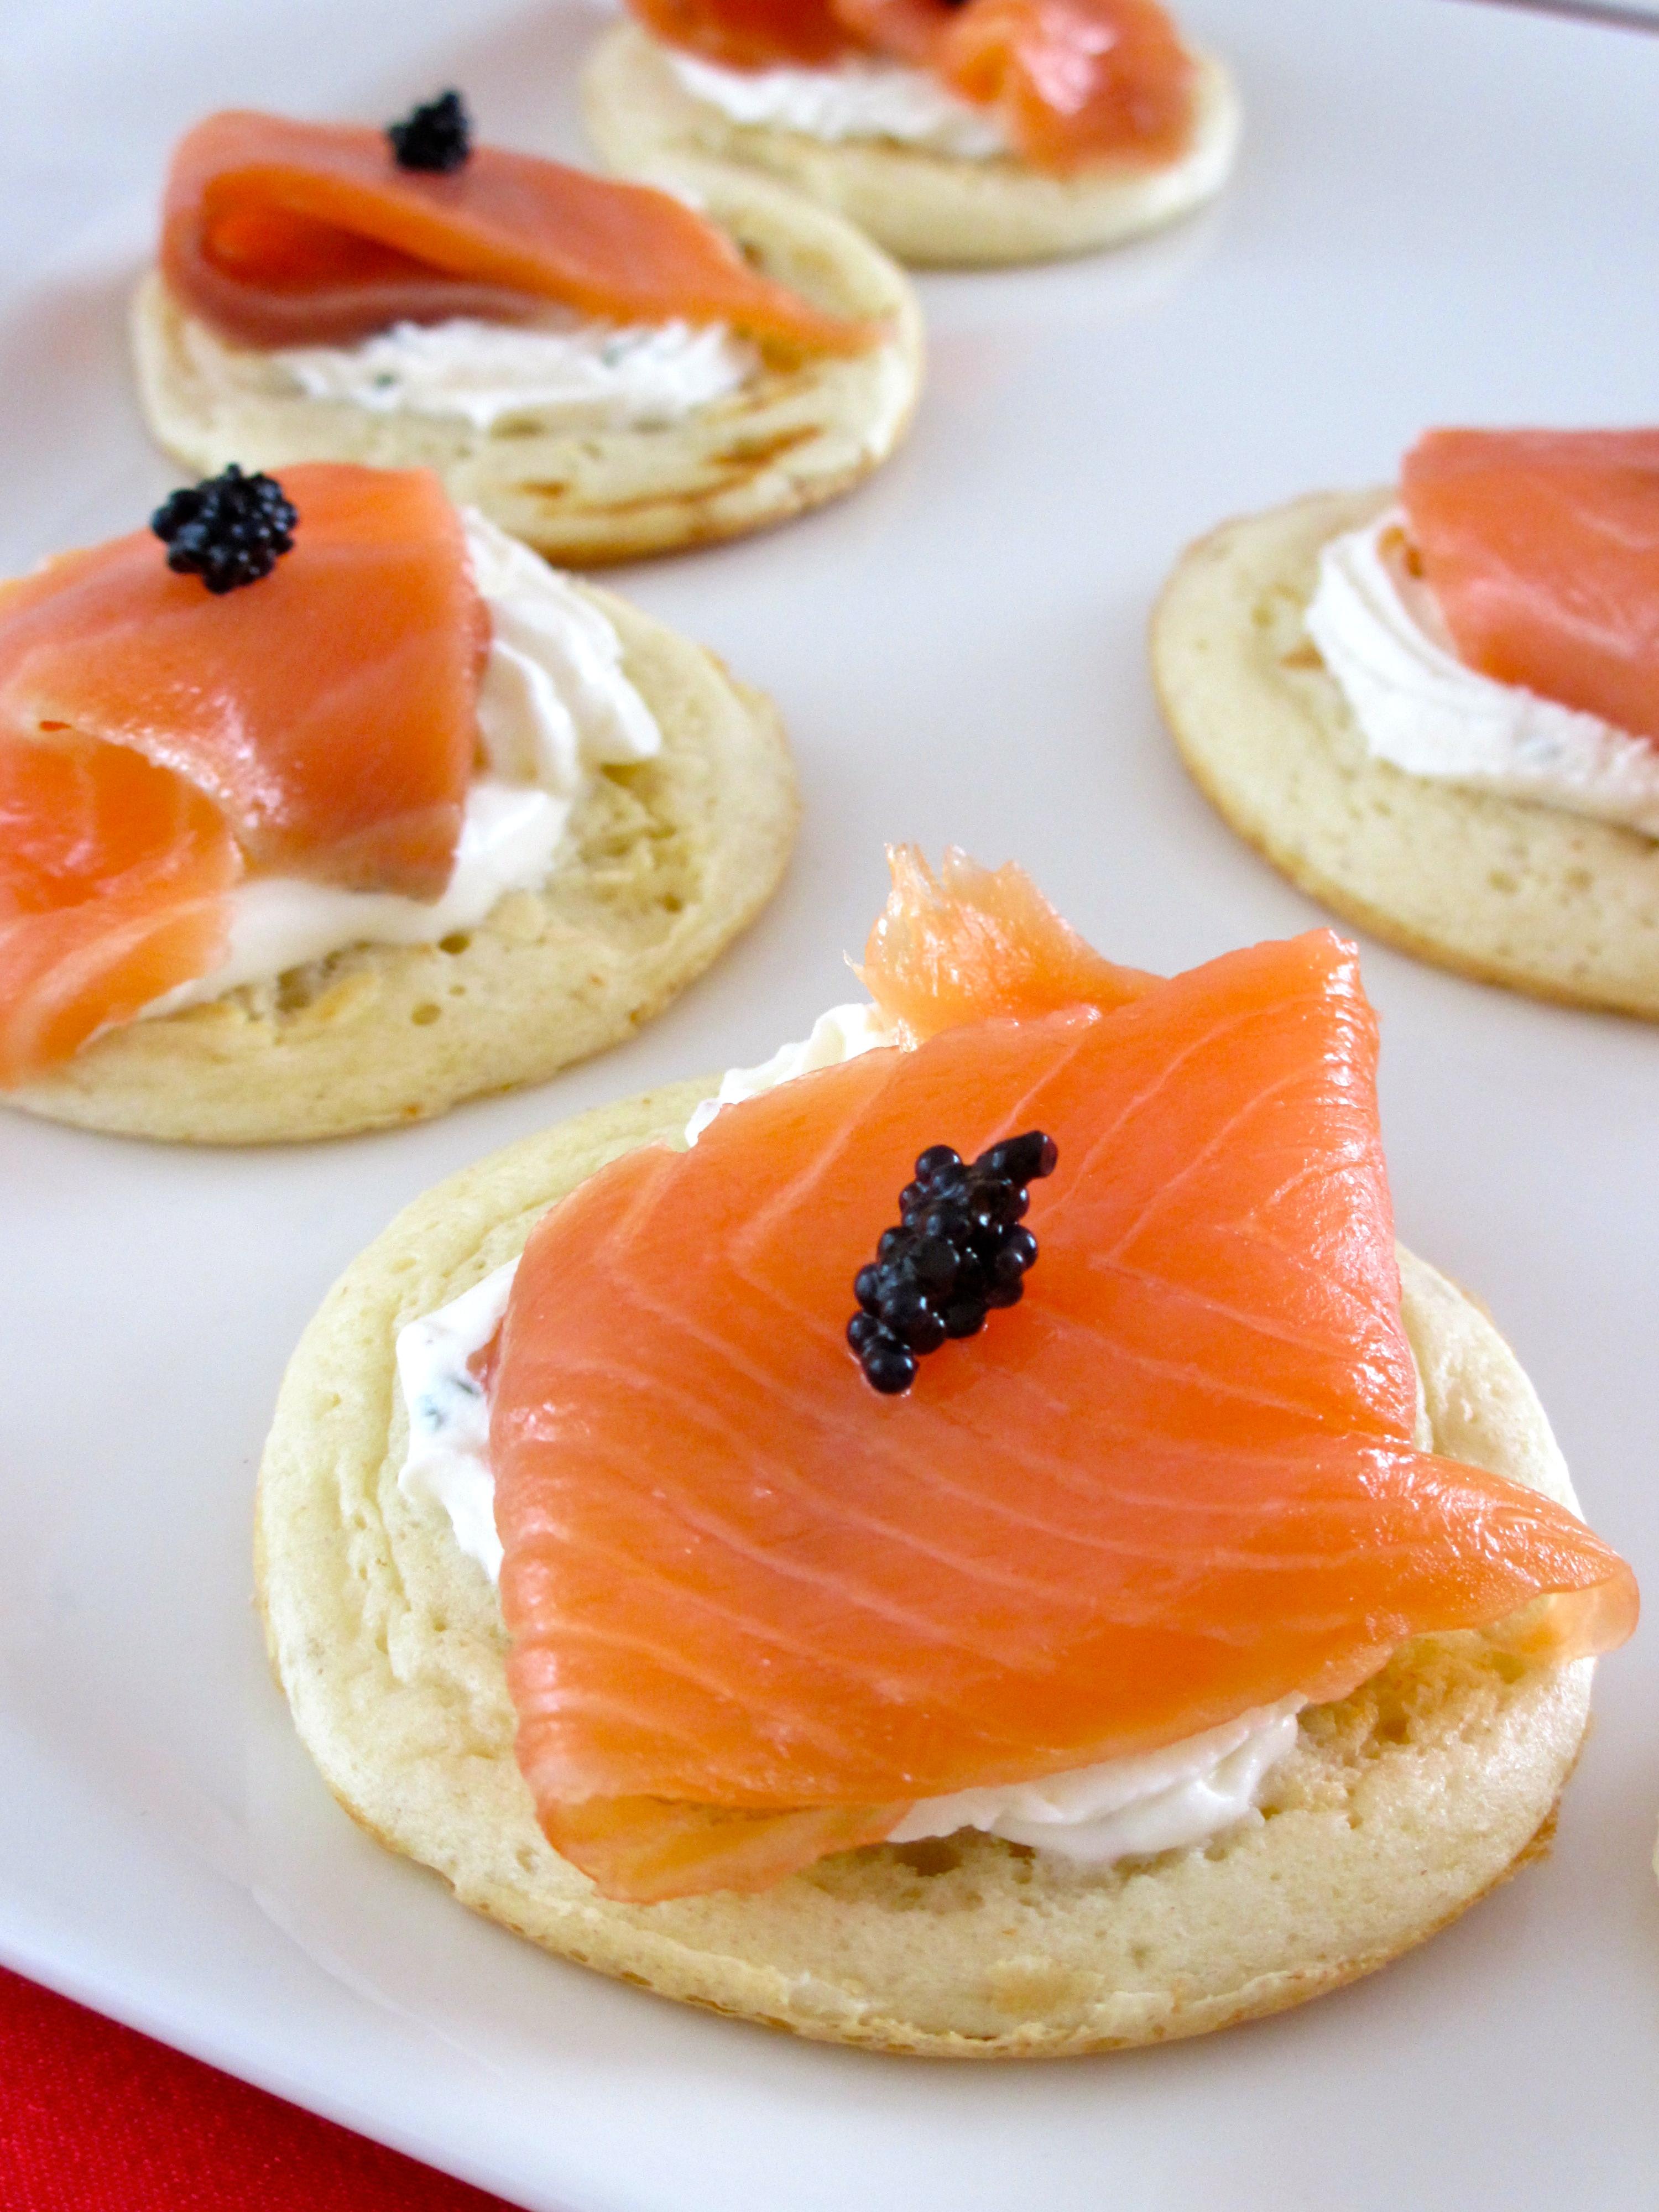 Blinis au saumon diet d lices recettes diet tiques for Canape au fromage